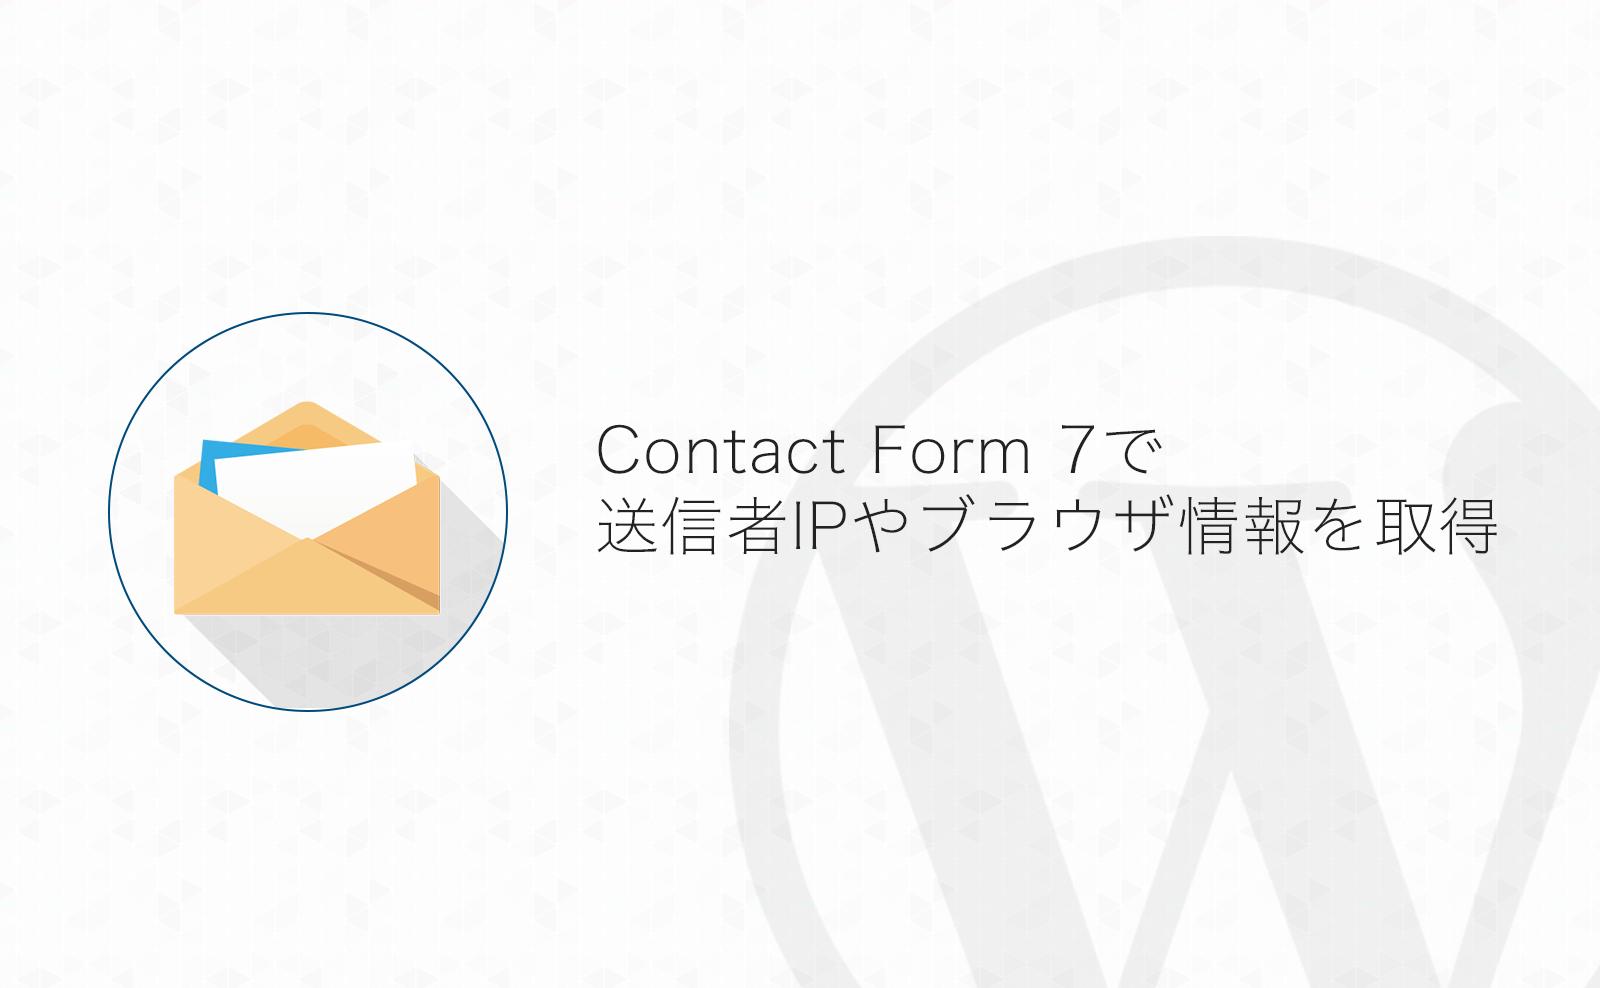 【WordPress】Contact Form 7で送信者のIPアドレスやブラウザ情報を取得する方法